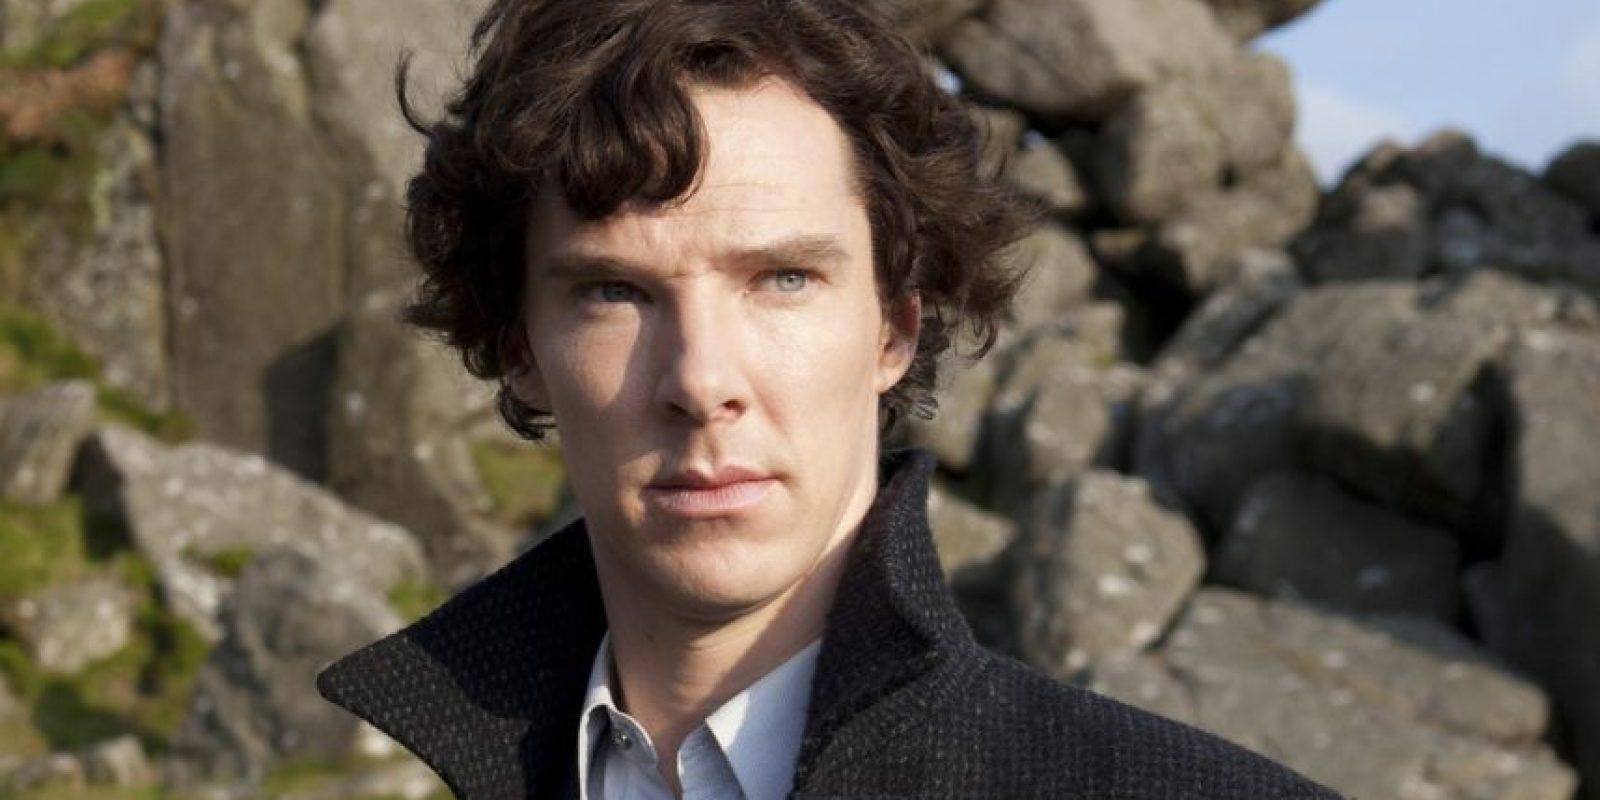 Amante de la lógica, sociópata funcional, sin habilidades sociales y un genio. Por este papel la legion de fans de Cumberbatch creció enormemente. Tumblr es su reino. Foto:BBC